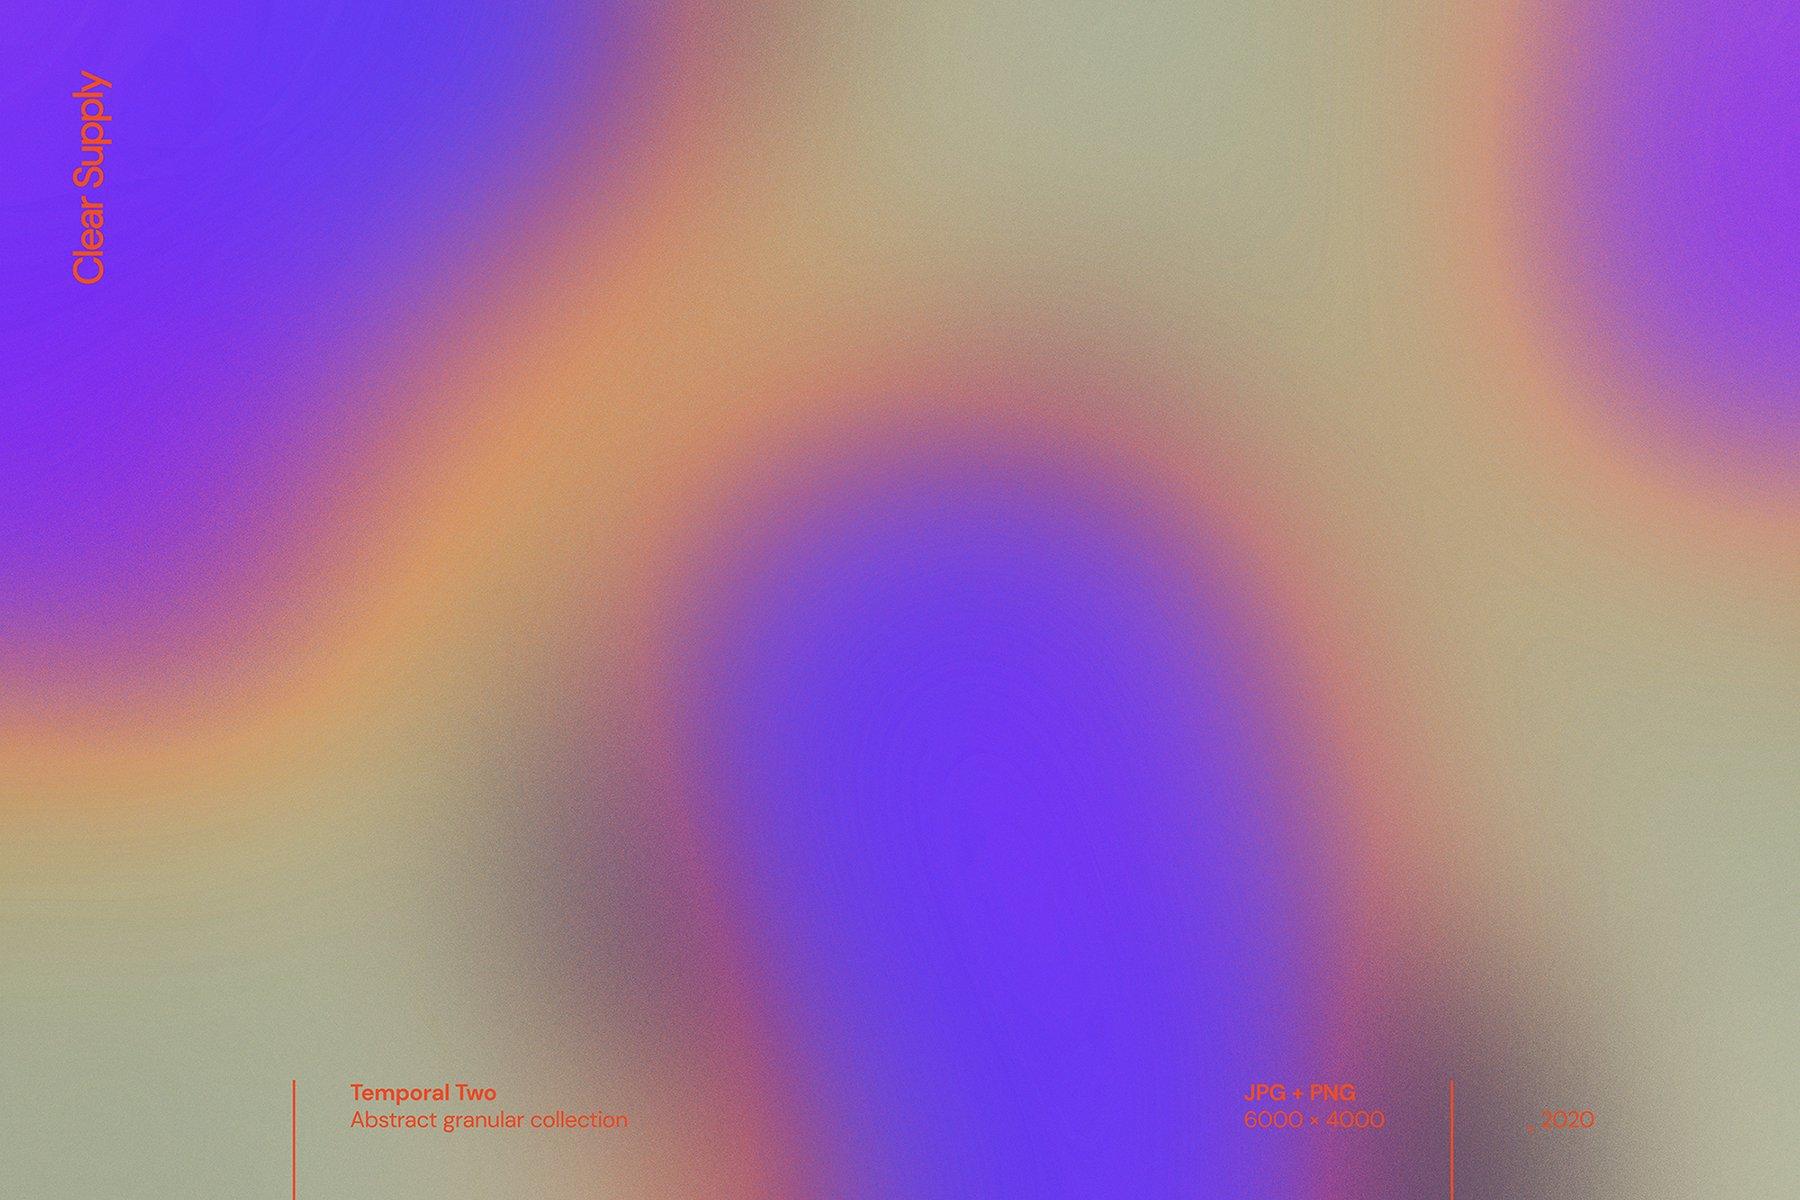 14款高清炫彩抽象艺术动感模糊渐变海报背景图片素材 Clear Supply – Temporal Two插图1